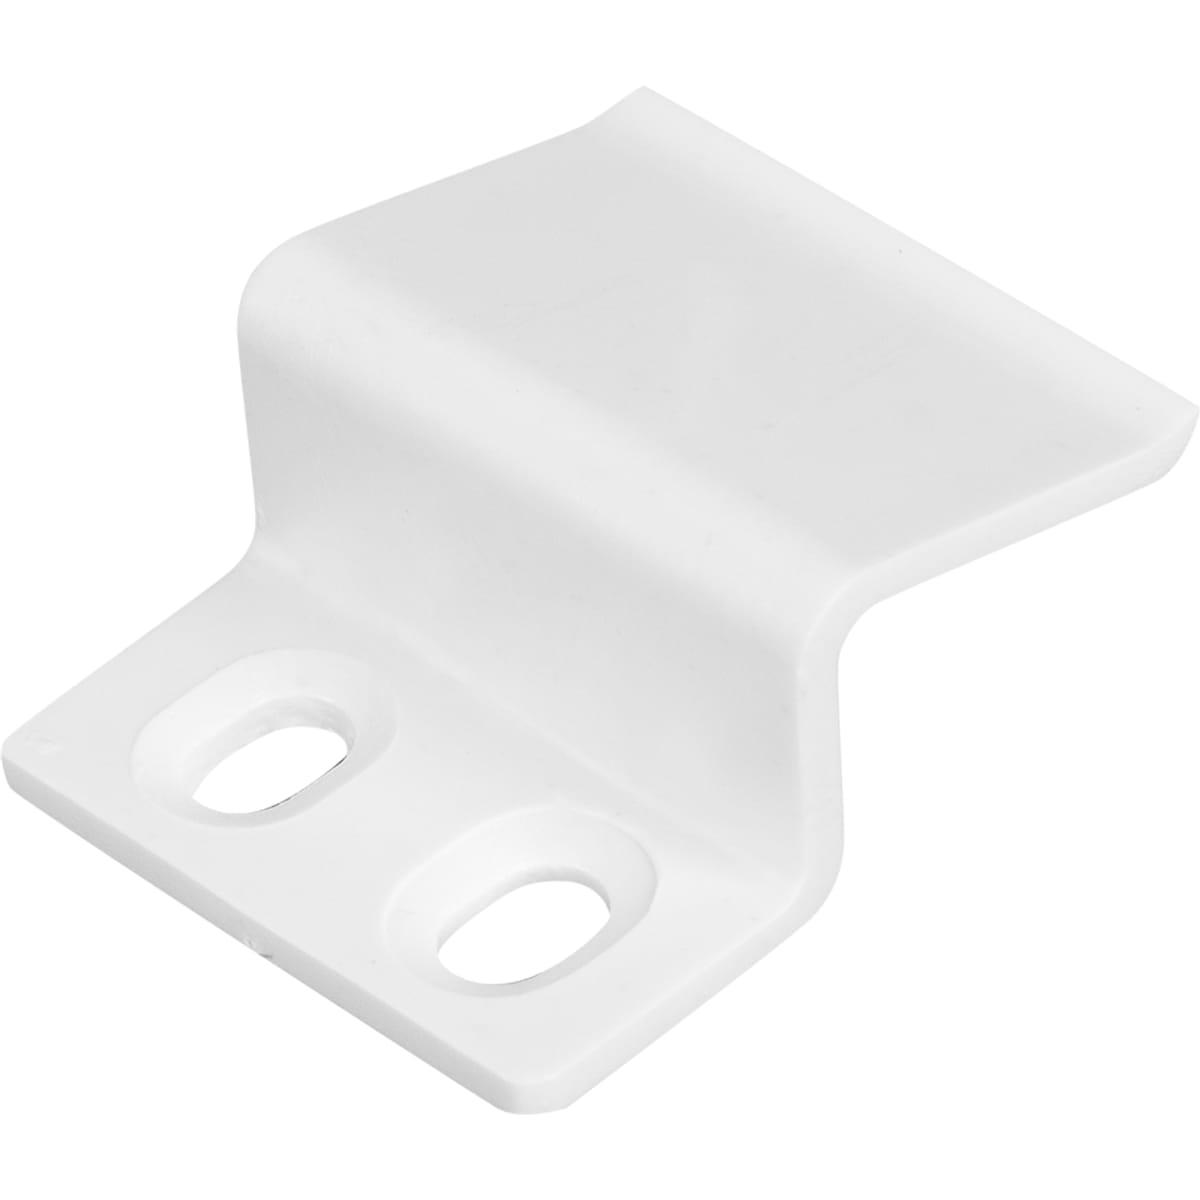 Крепление для москитной сетки пластик цвет белый, 4 шт.